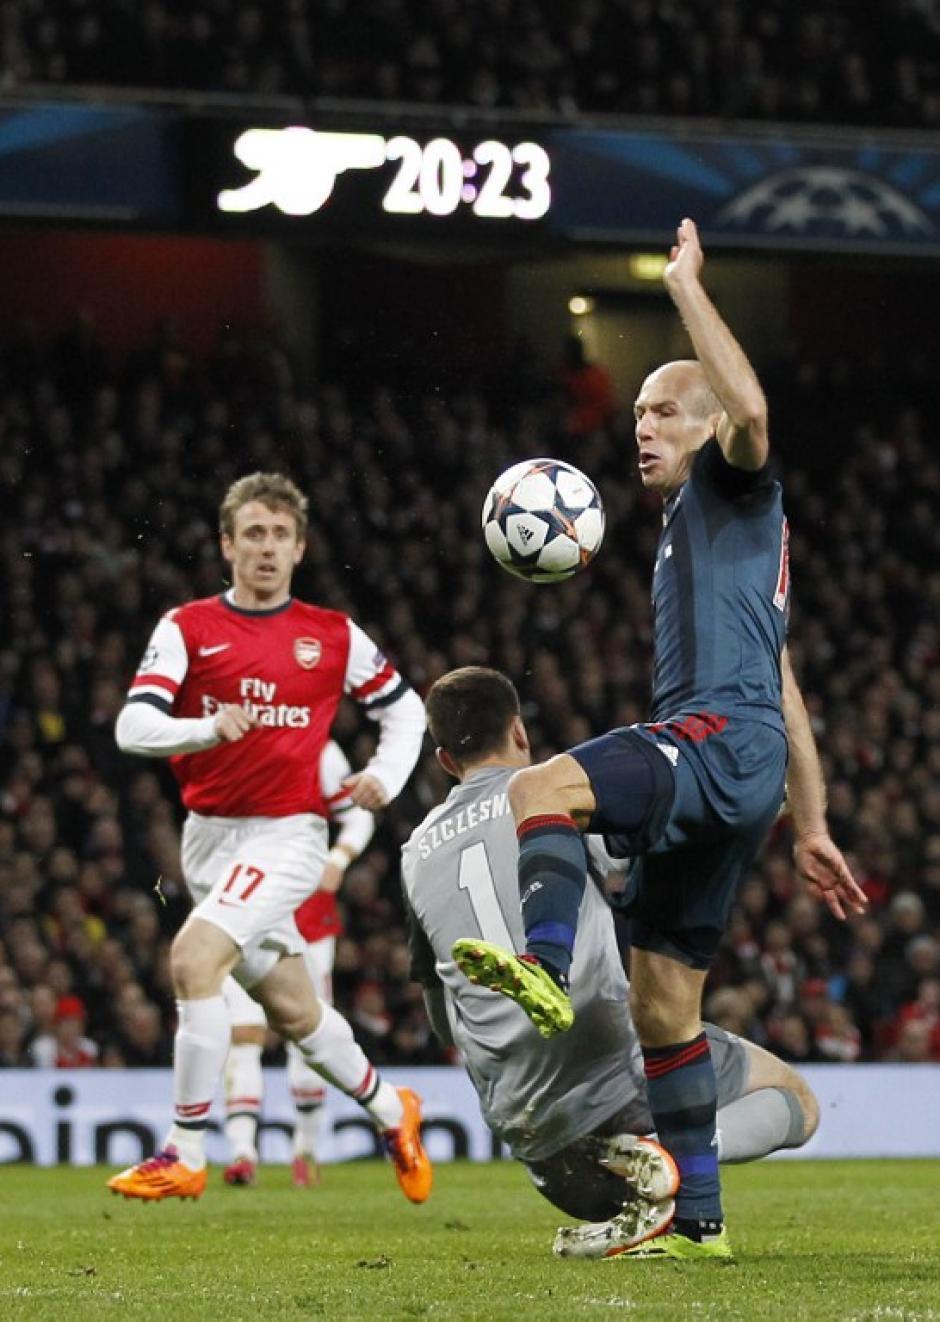 Robben y el guardameta del Arsenal en la jugada que originó el penal para los del Bayern y la expulsión de Szczesny. (Foto: AFP)